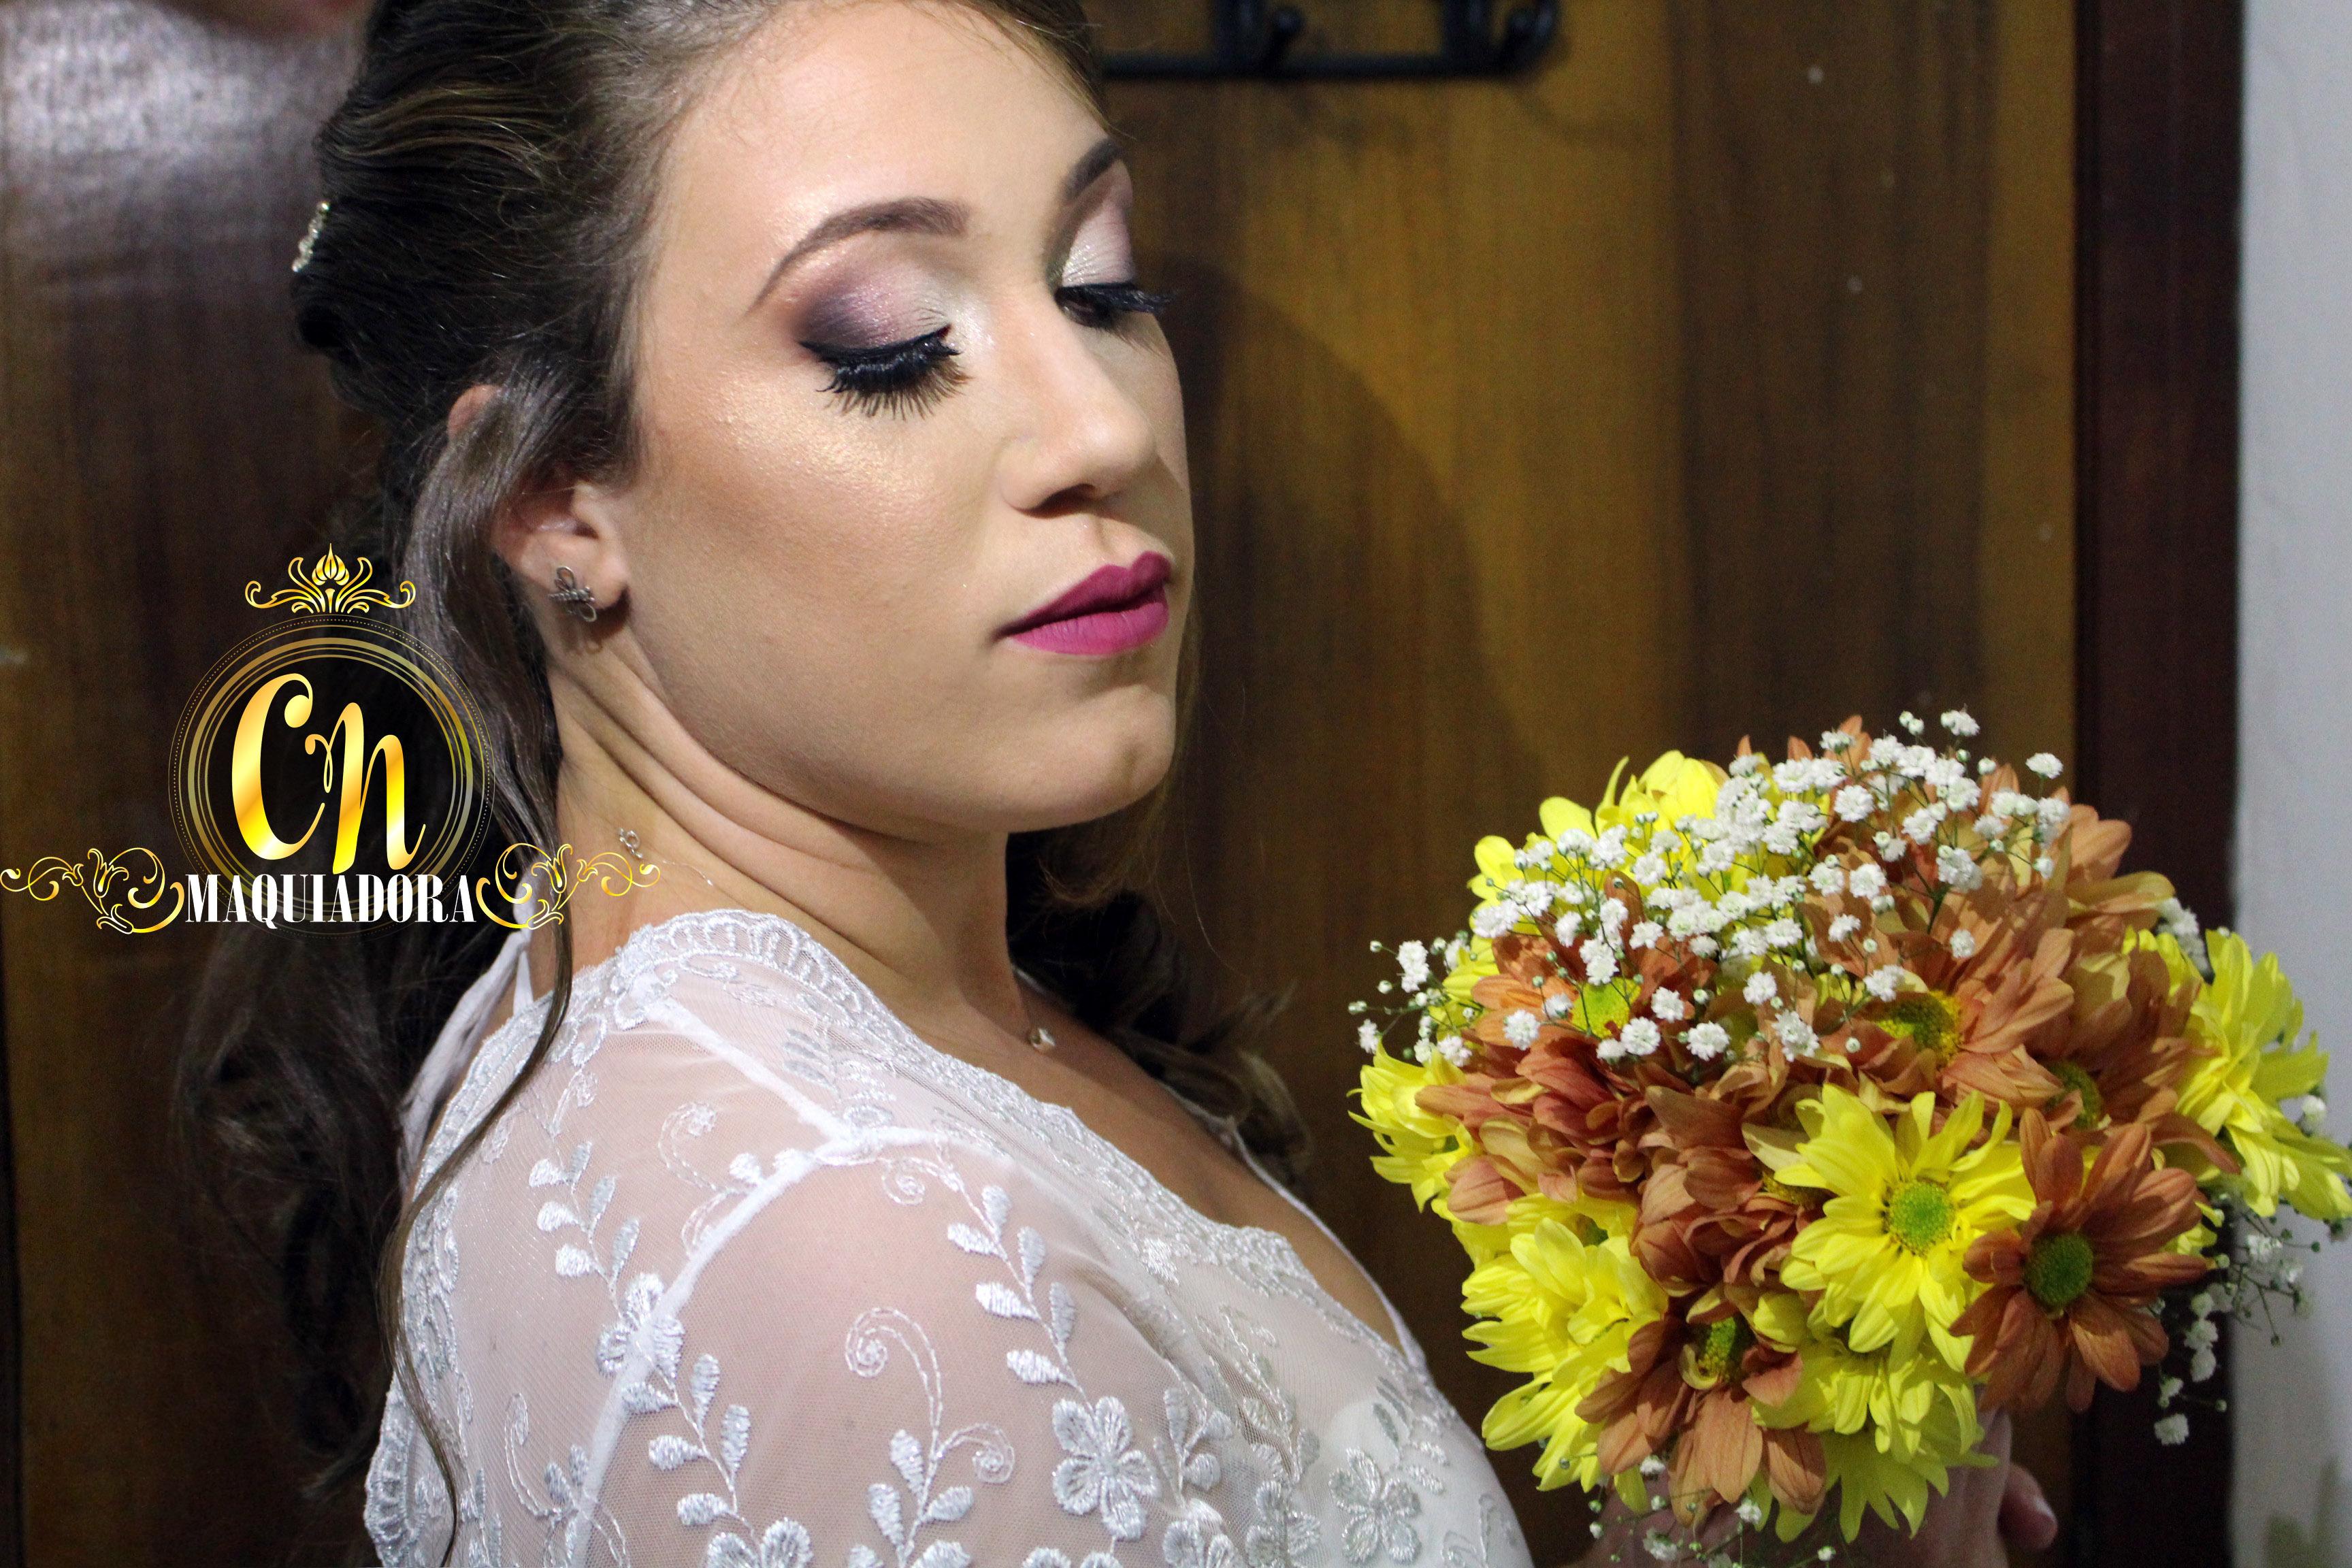 Noiva linda que produzimos em 2017 também, esfumado clássico em tons de rosê, e batom no mesmo tom.  #maquiagemnoiva #noiva #maquiagem #maquiadoraubatuba #maquiagemubatuba #maquiadoracaraguatatuba #makeup #mua #ubatuba #caraguatatuba #belezaubatuba #casamento #casamentoubatuba maquiagem maquiador(a)